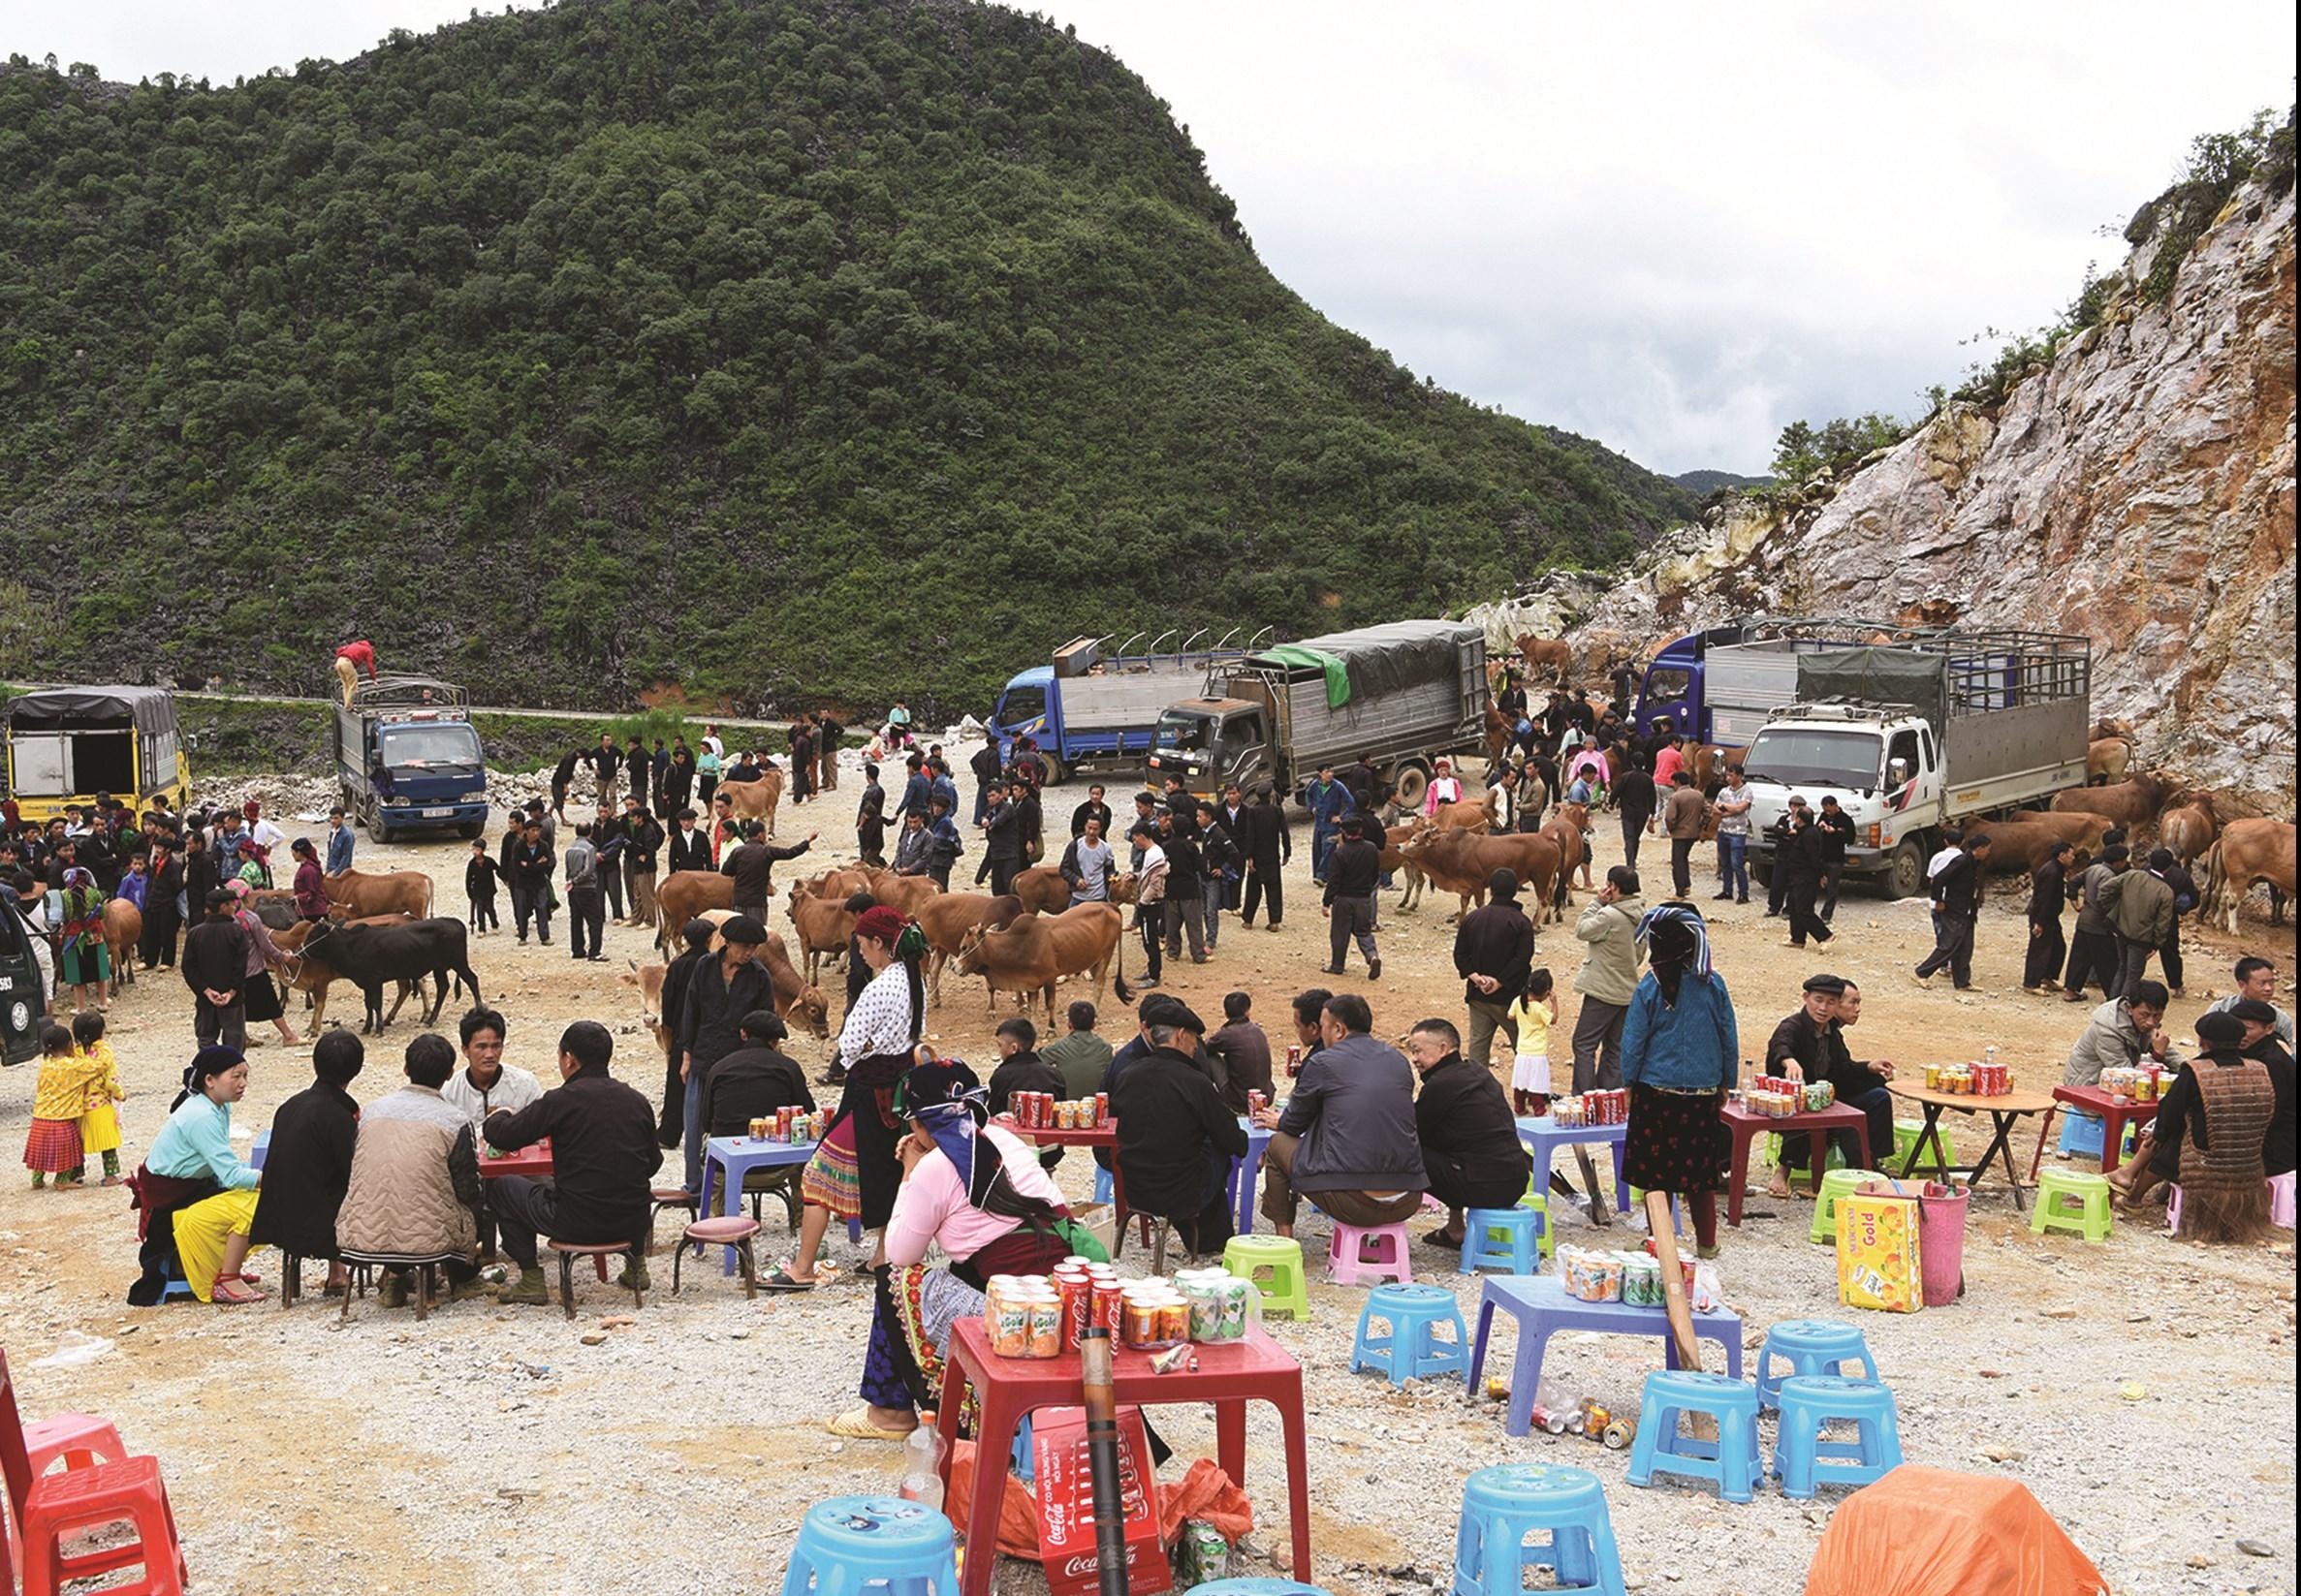 Khu bán gia súc ở Chợ phiên Sà Phìn, huyện Đồng Văn, Hà Giang